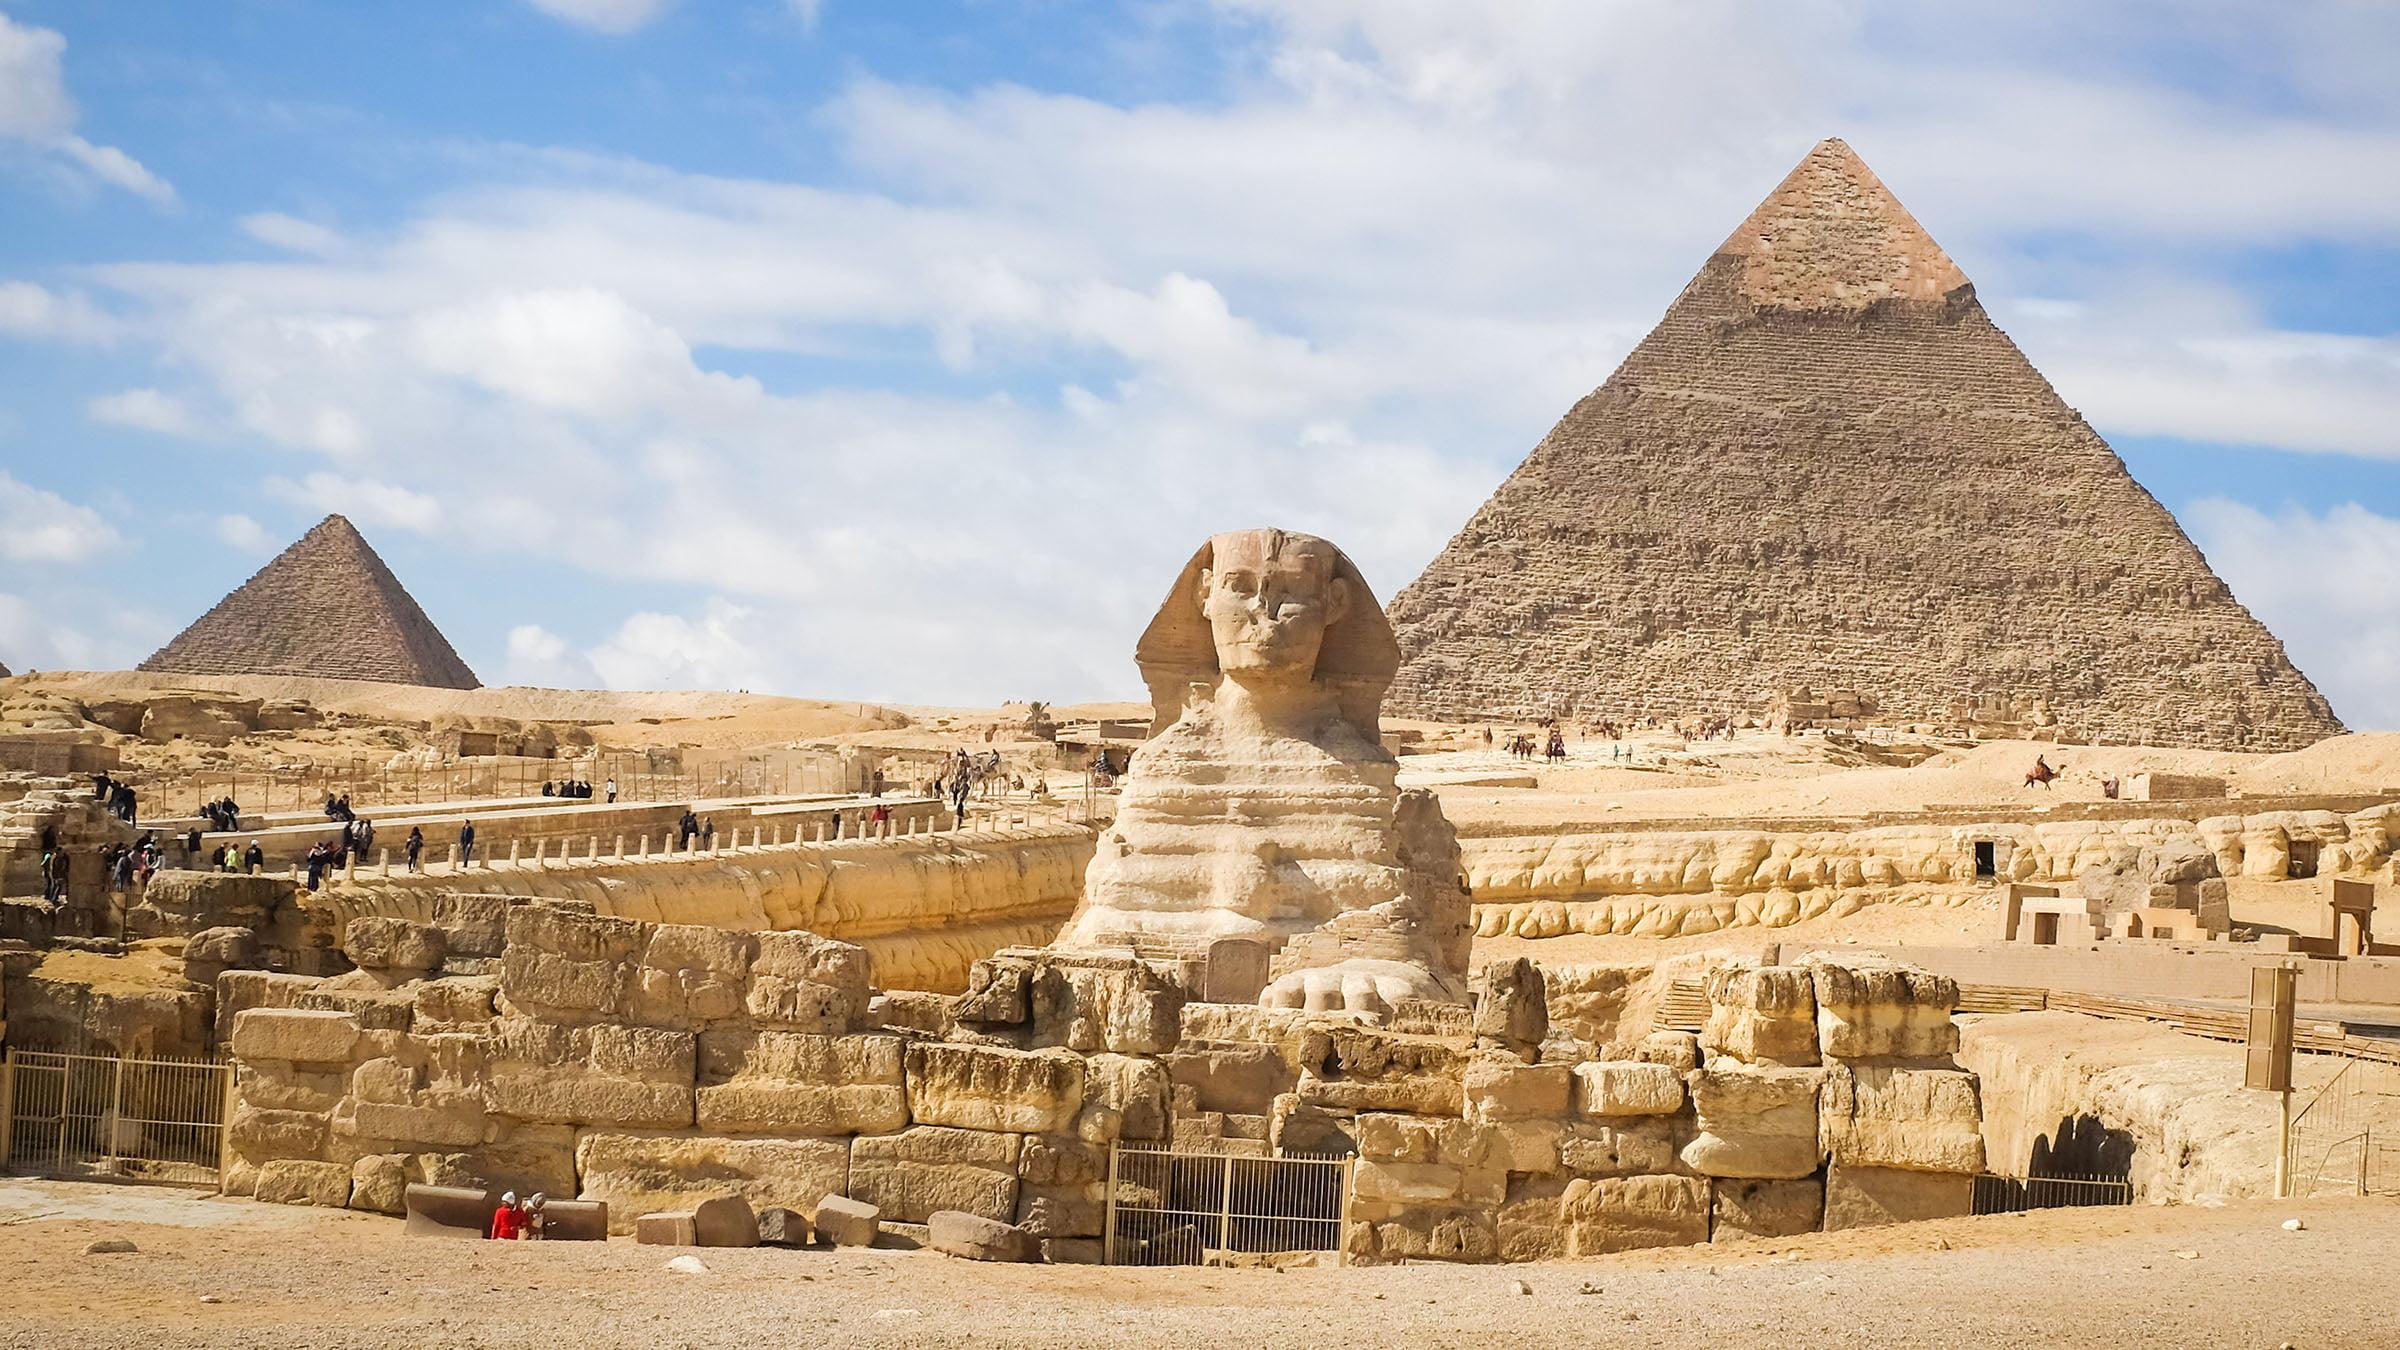 Aportaciones de la antigua civilizaci n egipcia a la humanidad for Arquitectura egipcia